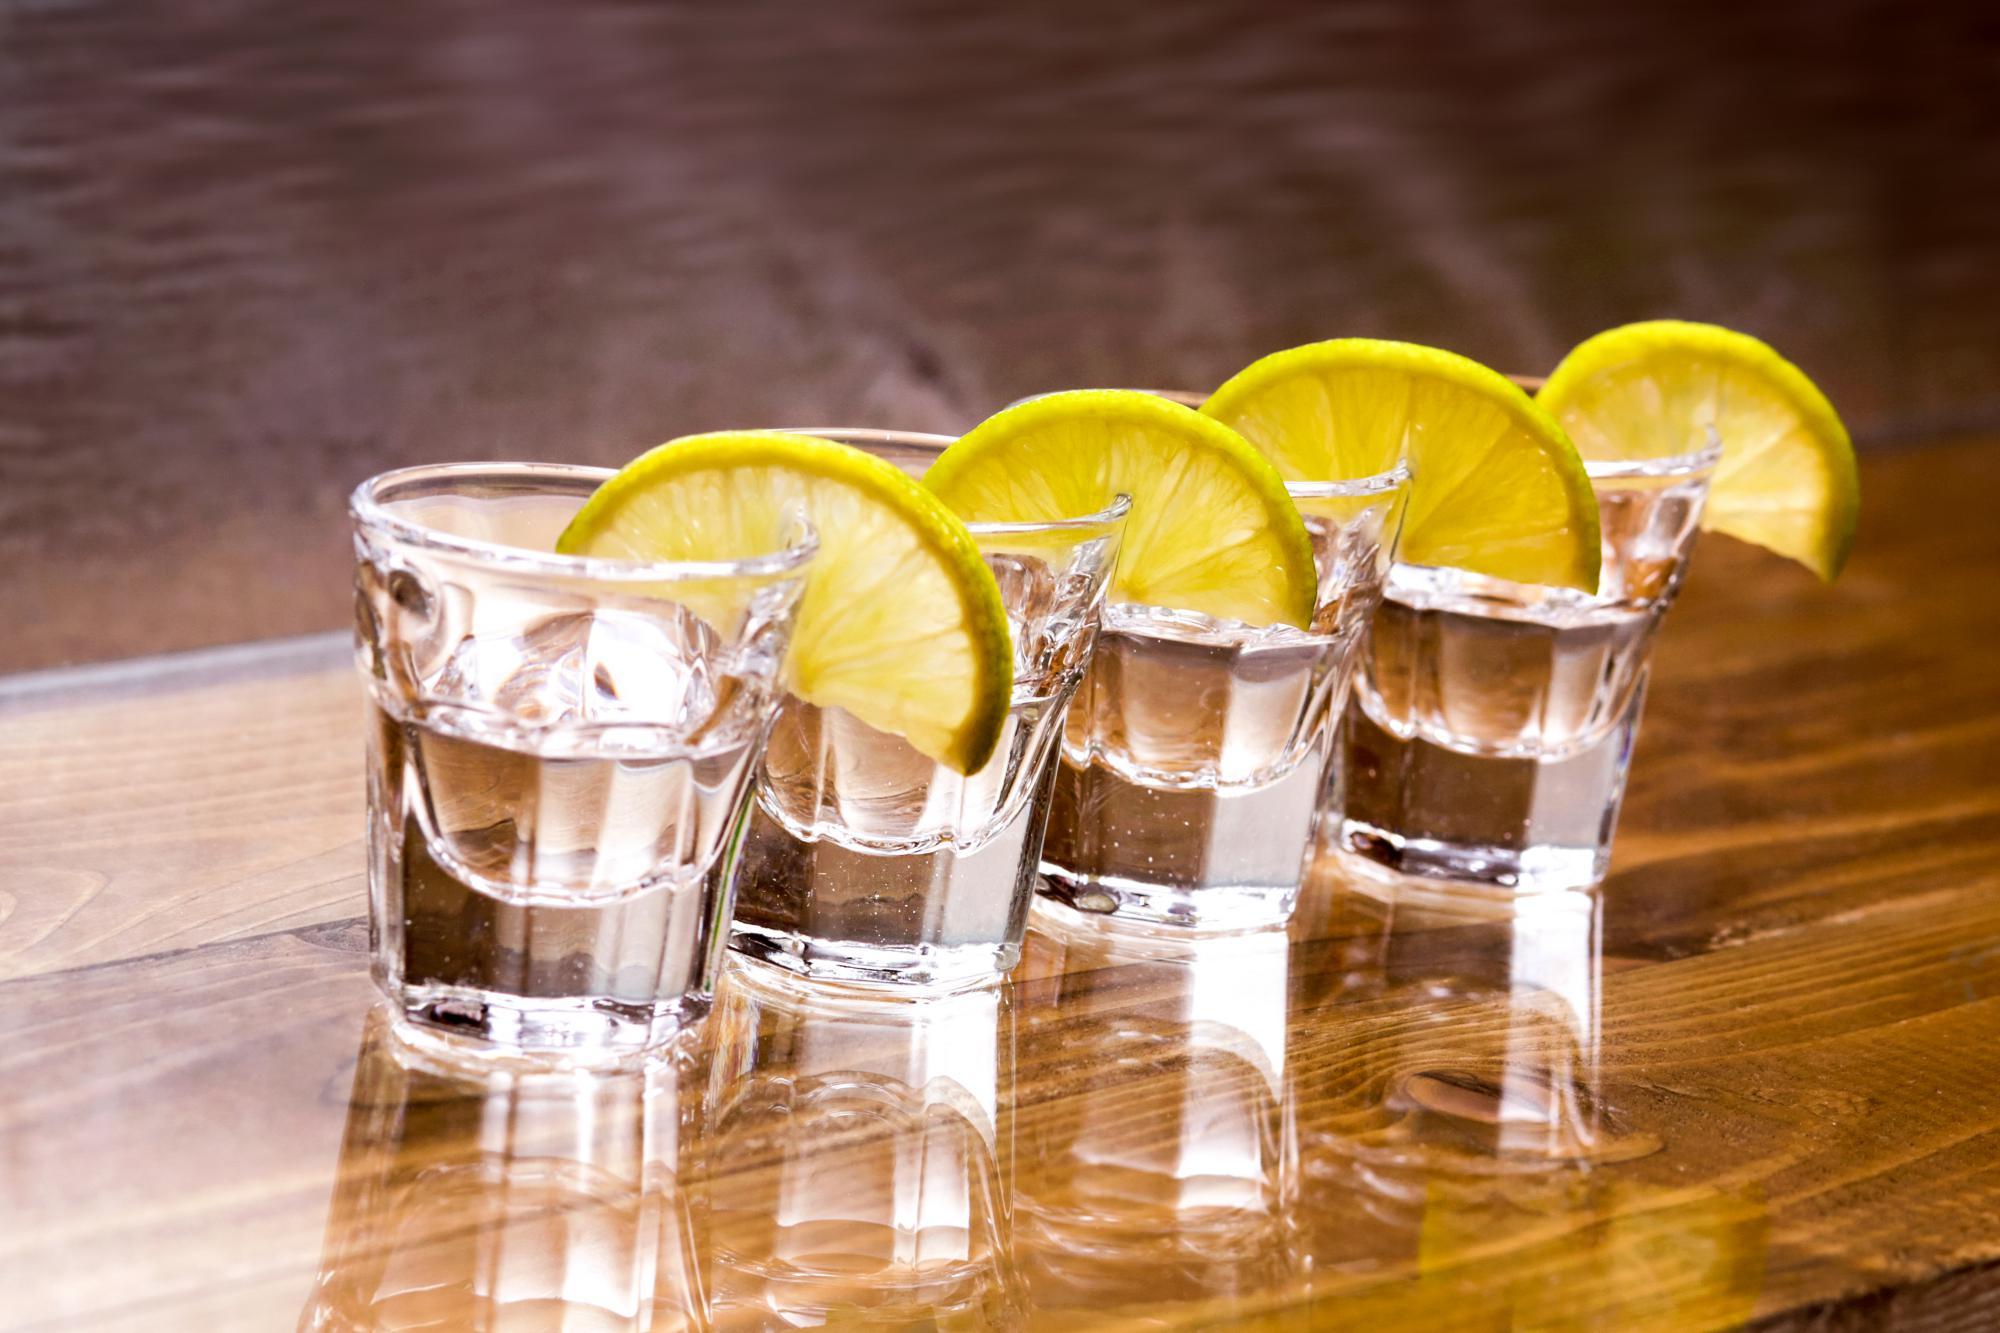 Минфин предлагает упрощенную маркировку алкоголя